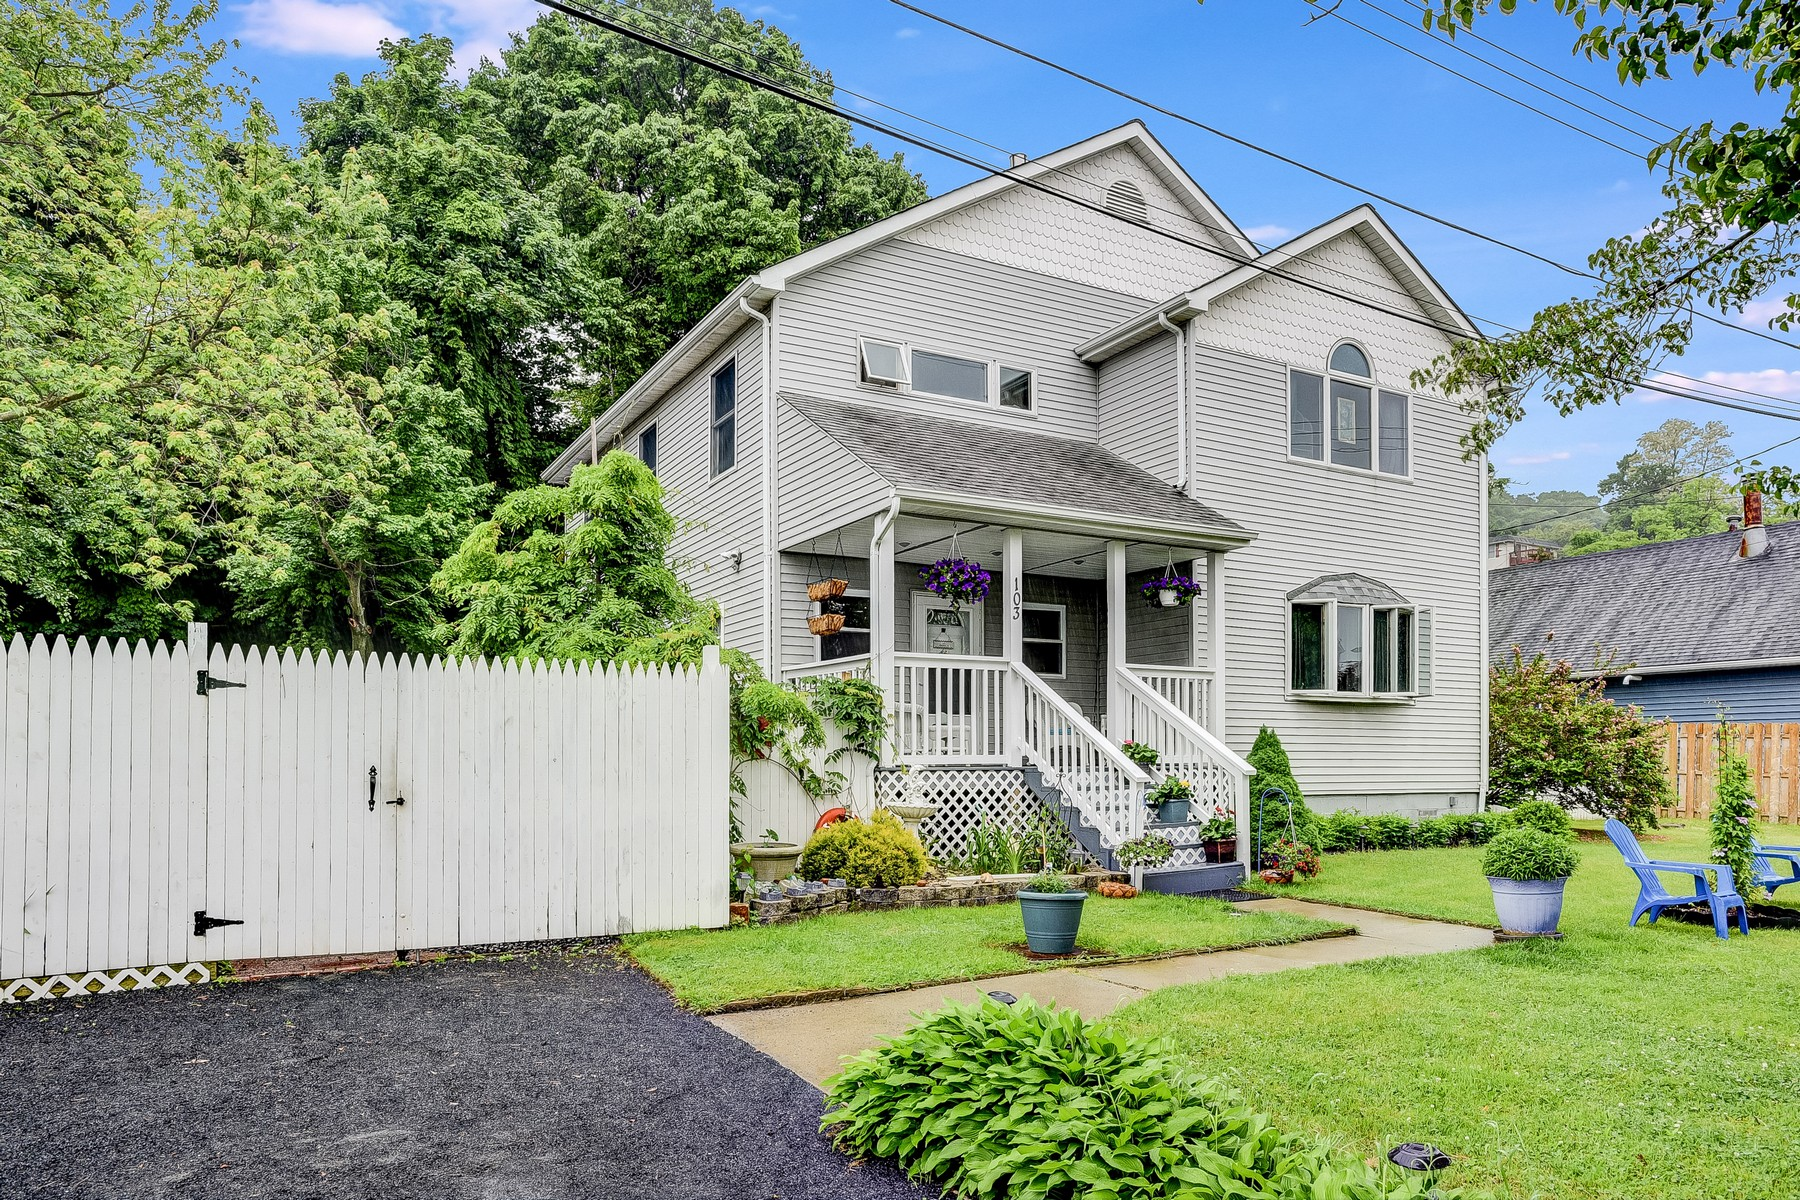 Casa Unifamiliar por un Venta en 103 Shore Dr, Highlands 103 Shore Dr., Highlands, Nueva Jersey 07732 Estados Unidos